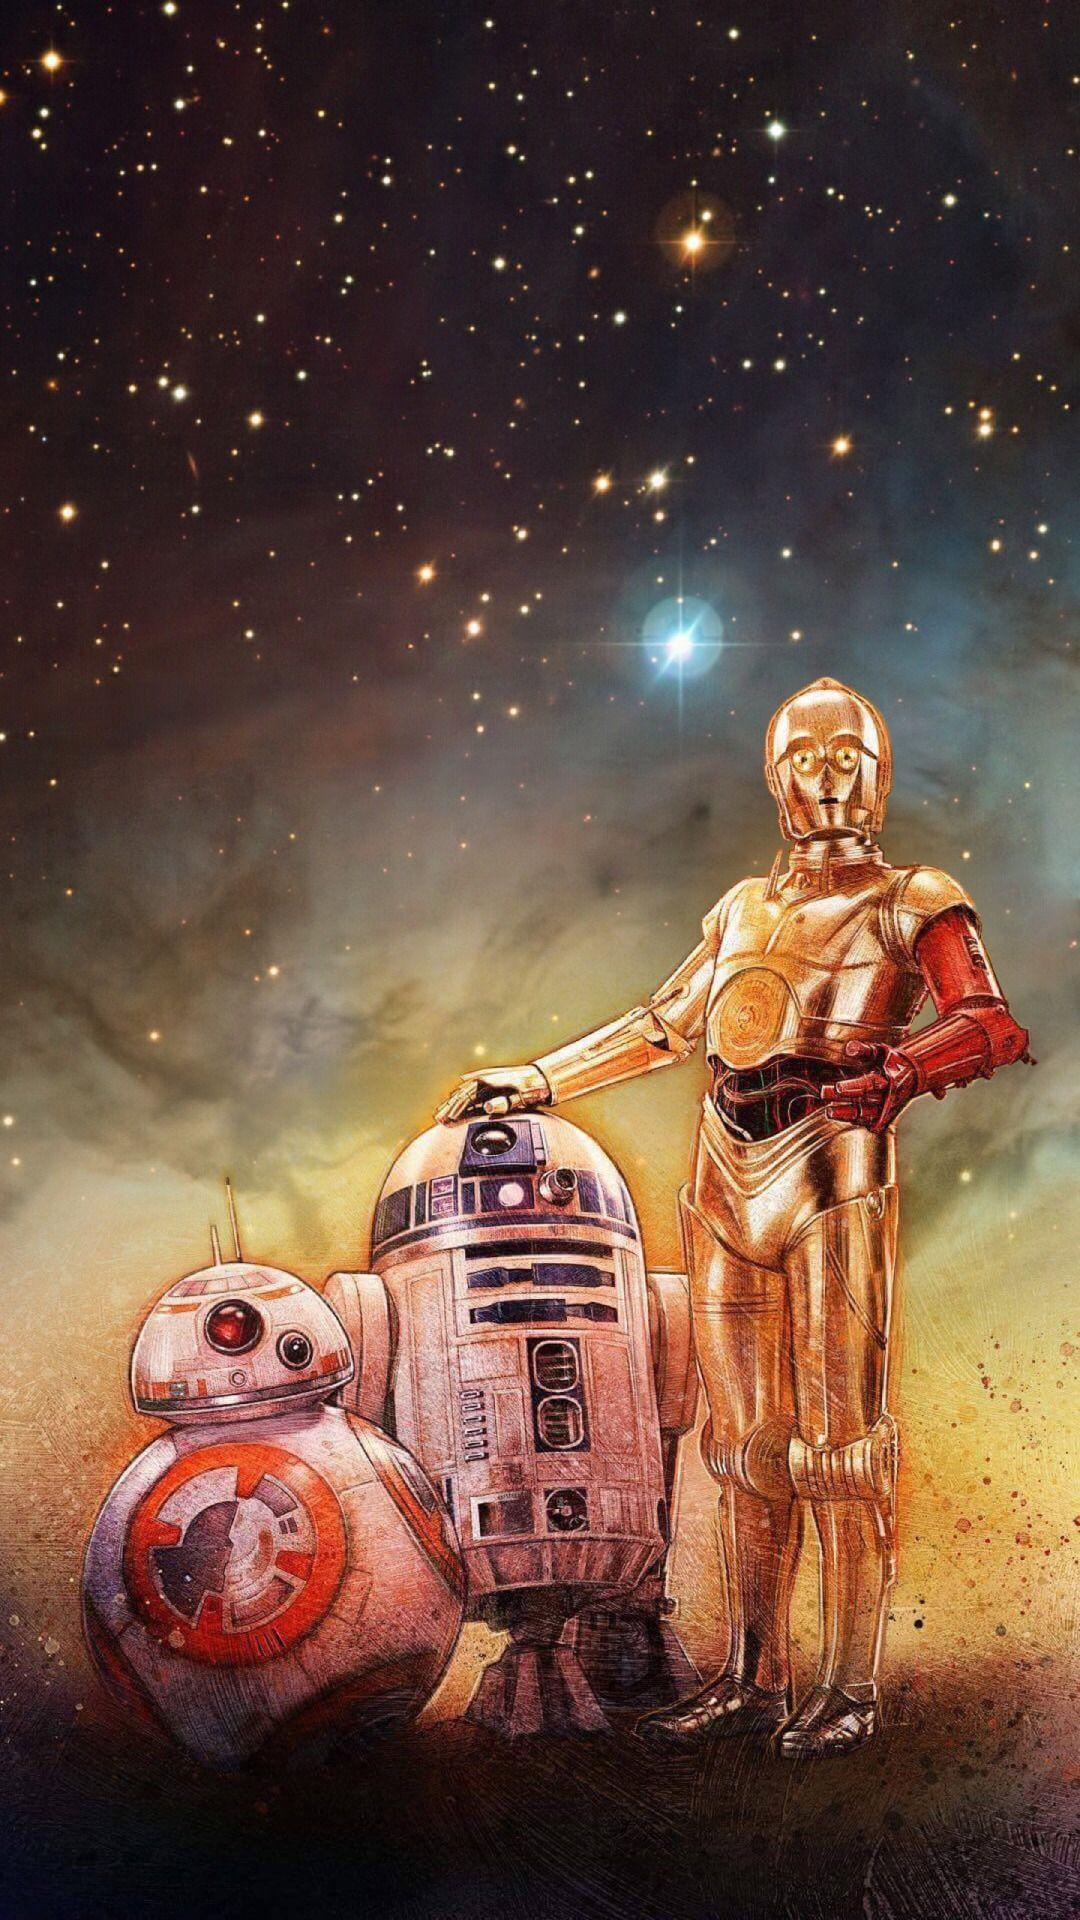 Star Wars C 3po R2 D2 Bb 8 Star Wars Painting Star Wars